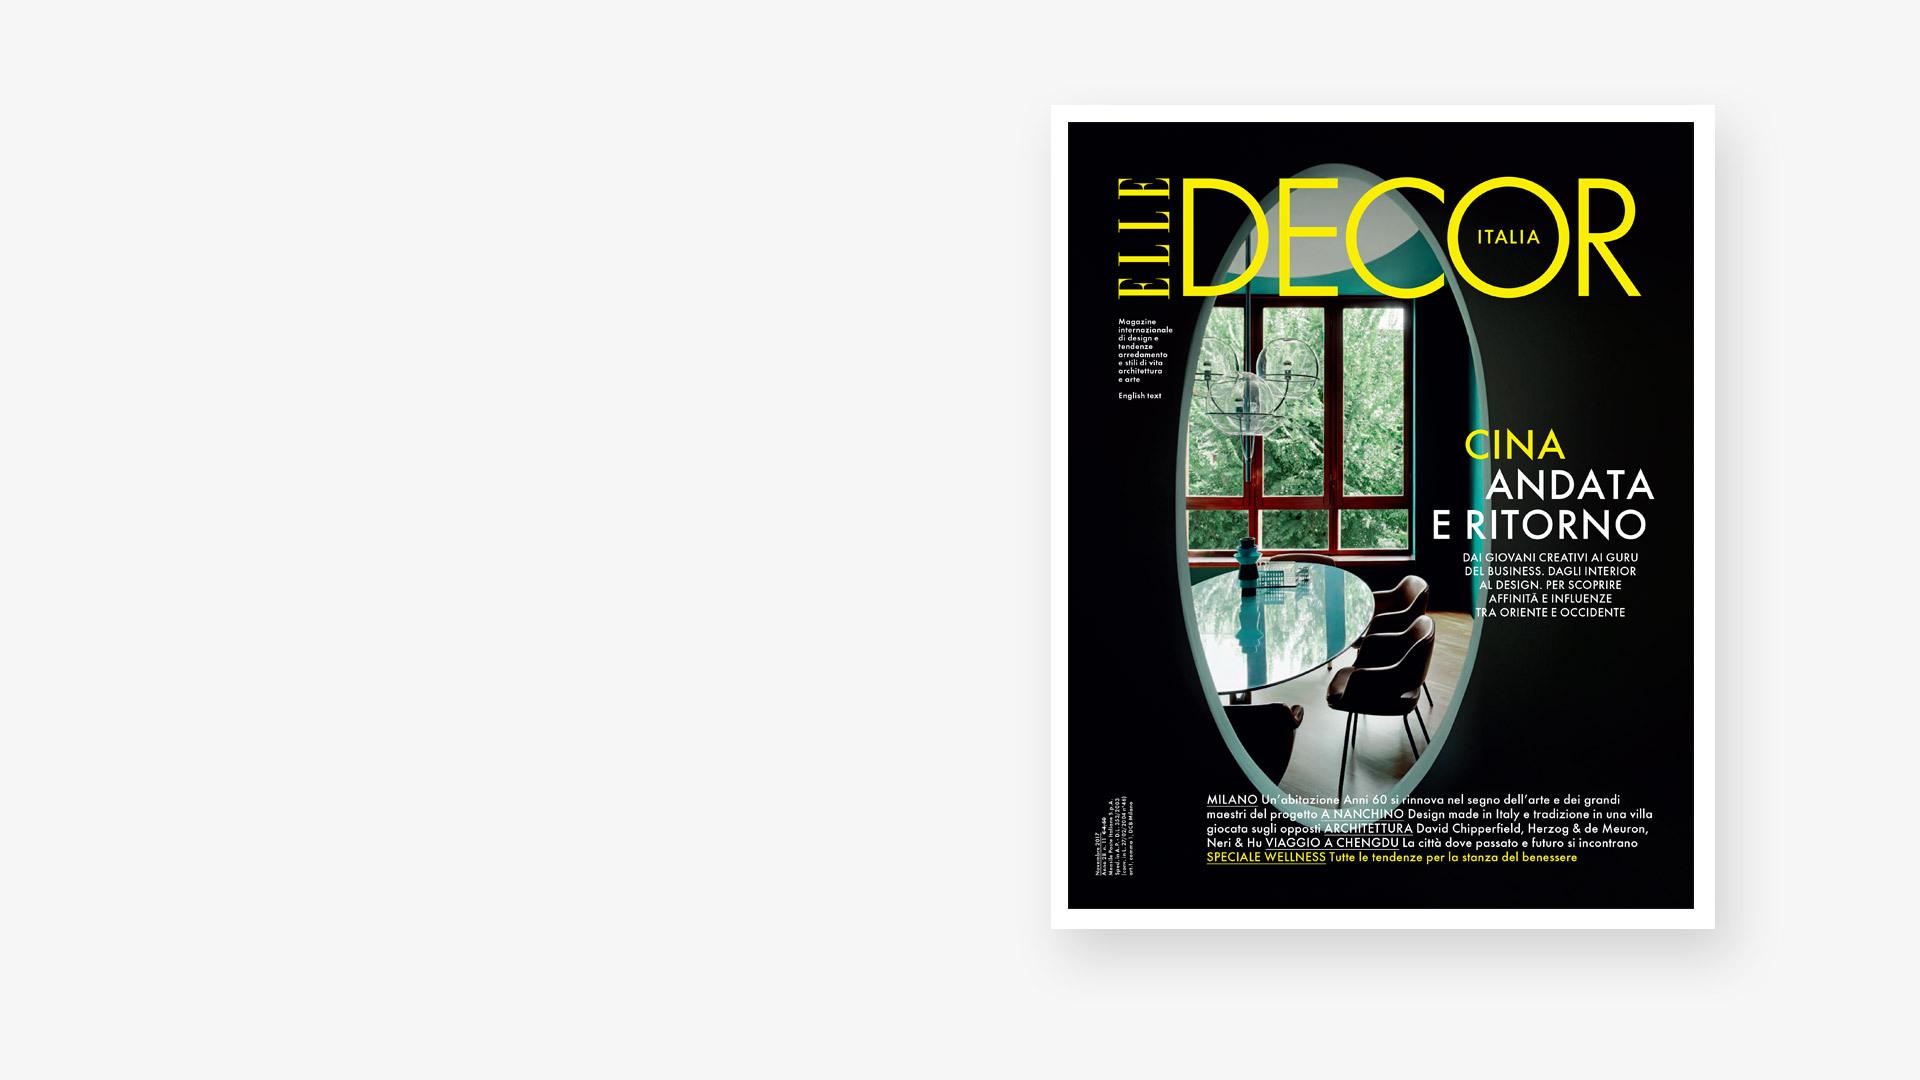 中国创意征服世界<br/>意大利Elle Decor专题报道